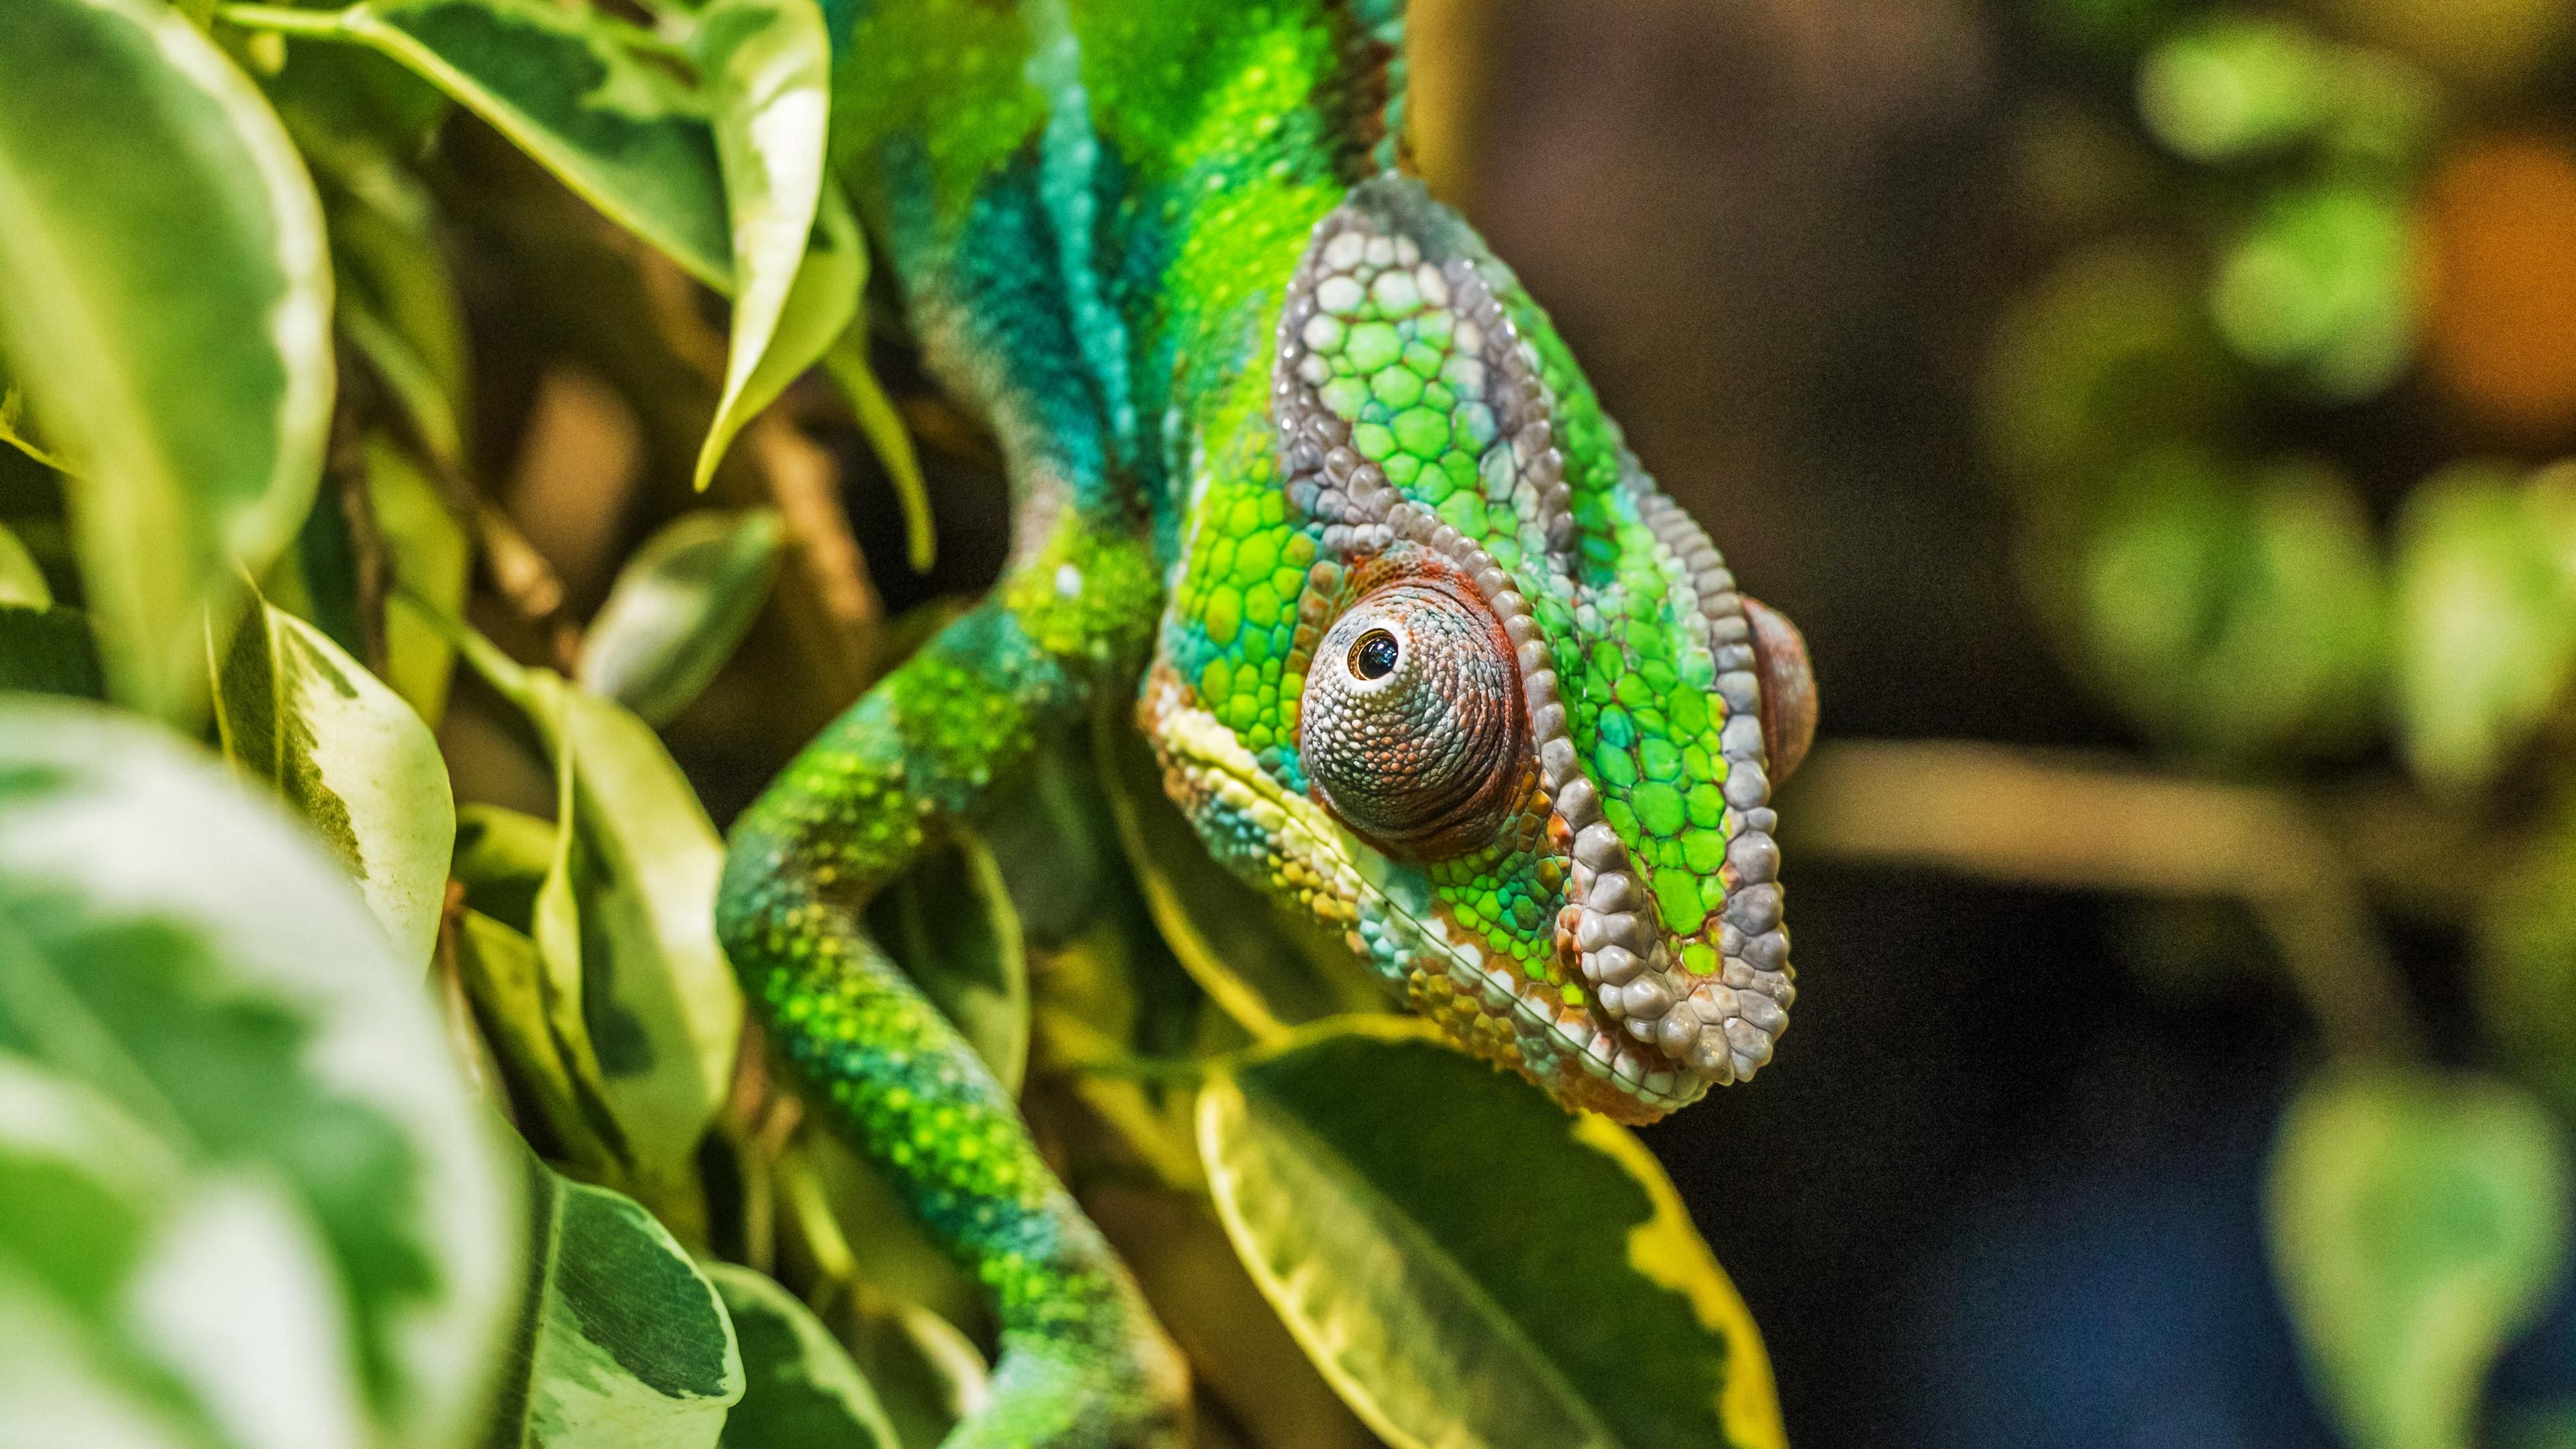 chameleon lizard reptile 4k 1542241505 - chameleon, lizard, reptile 4k - reptile, Lizard, Chameleon